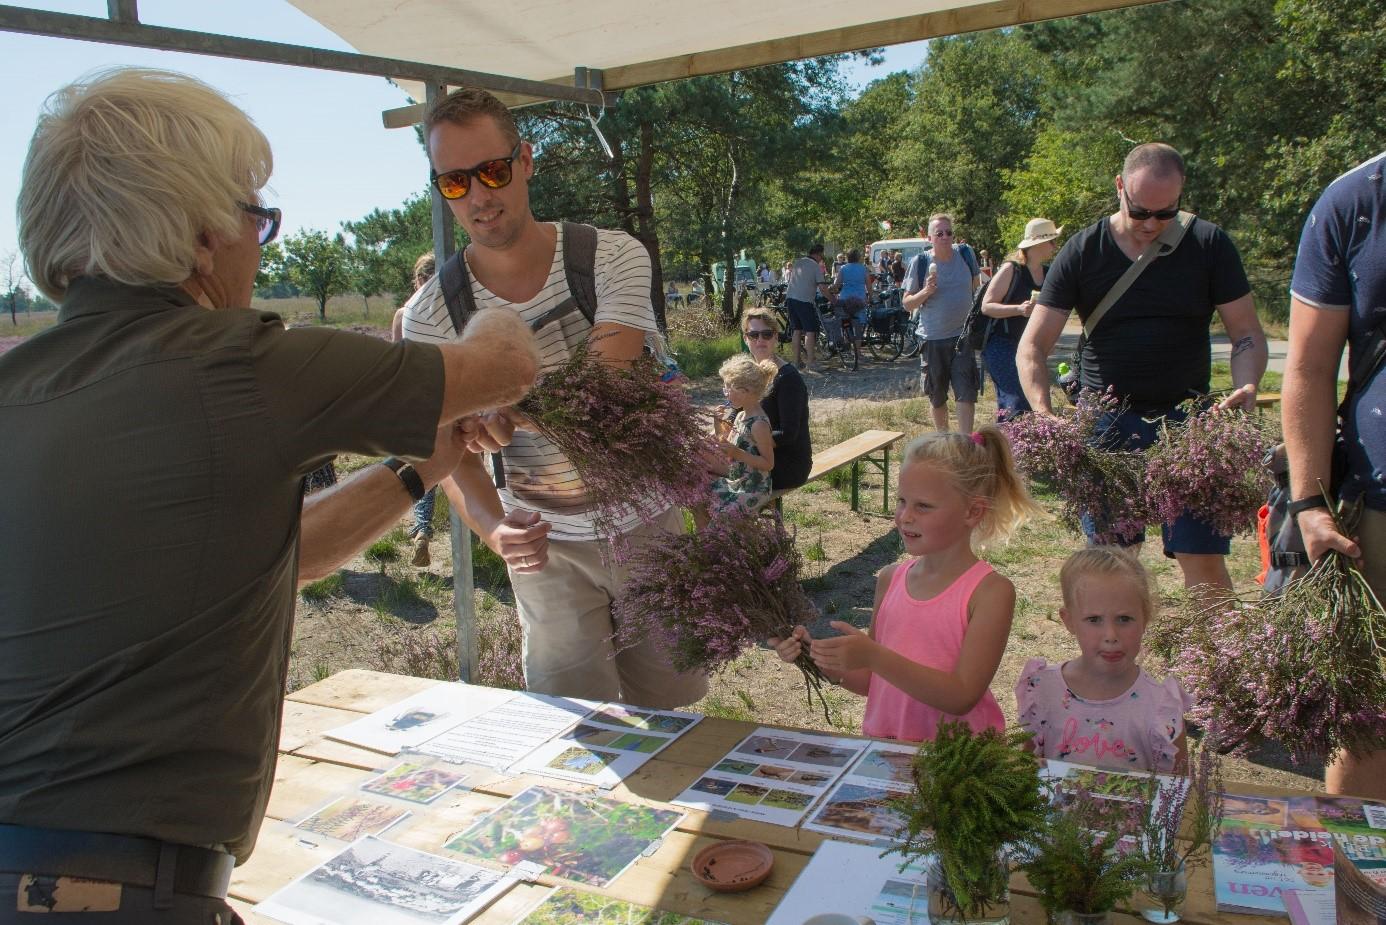 Op naar de Veluwe om dit weekend gratis een bosje heide te knippen